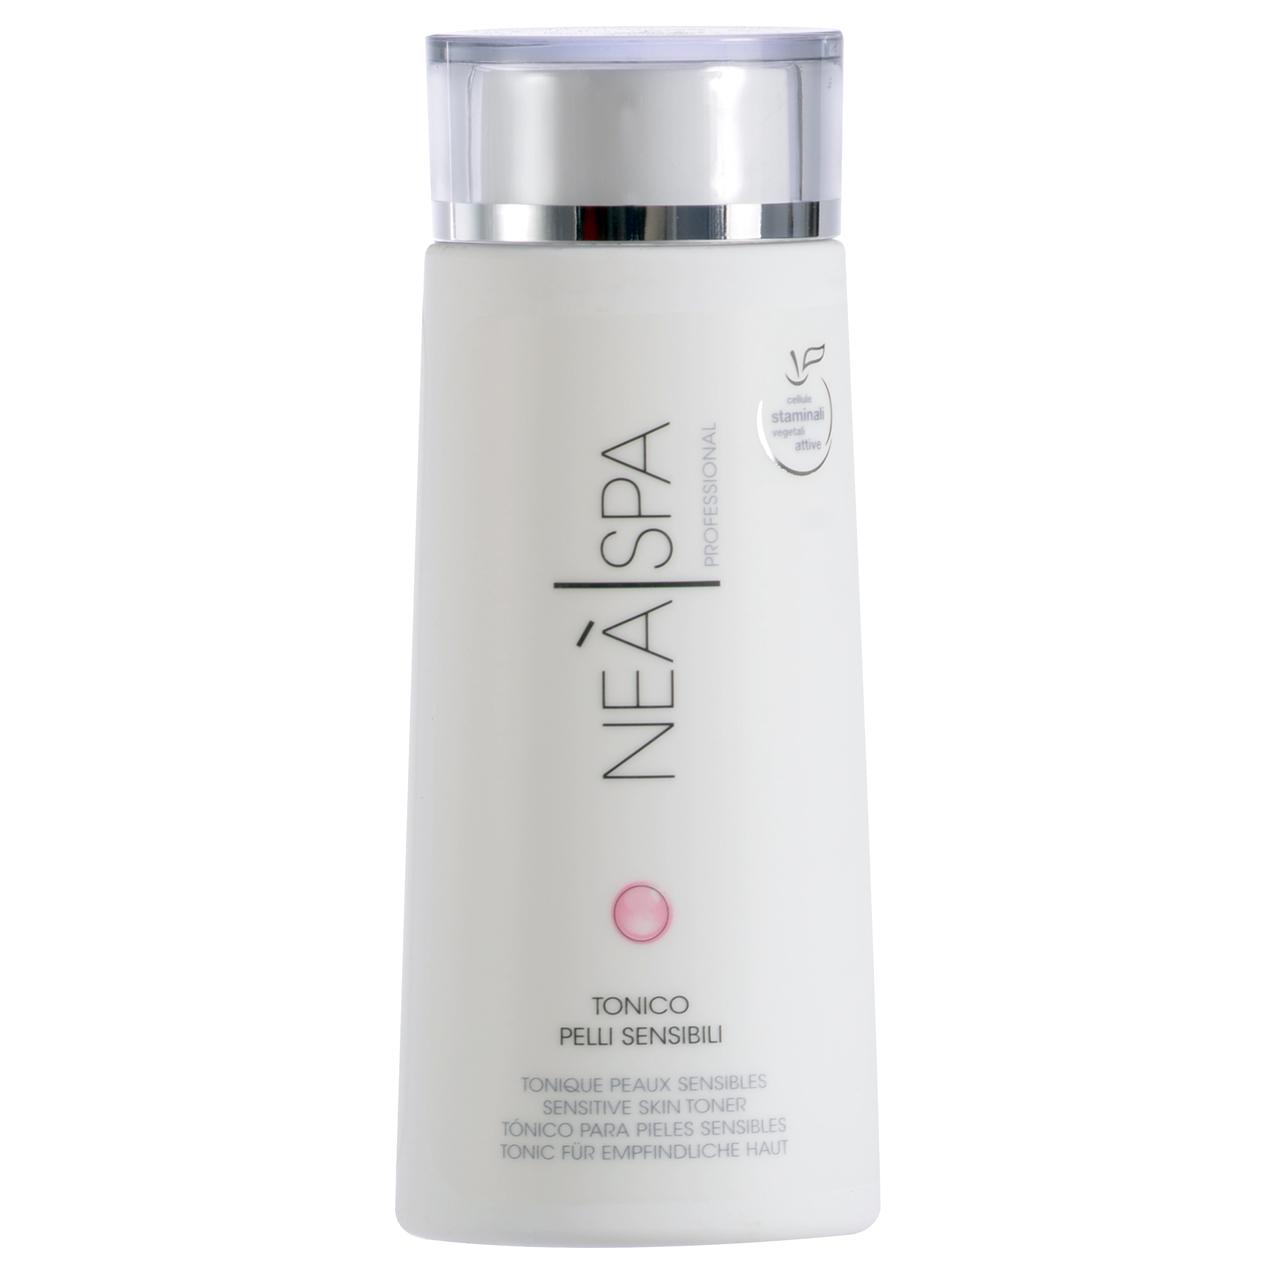 قیمت تونر پاک کننده آرایش صورت نئا اسپا مدل Sensitive Skin Toner حجم 200 میلی لیتر